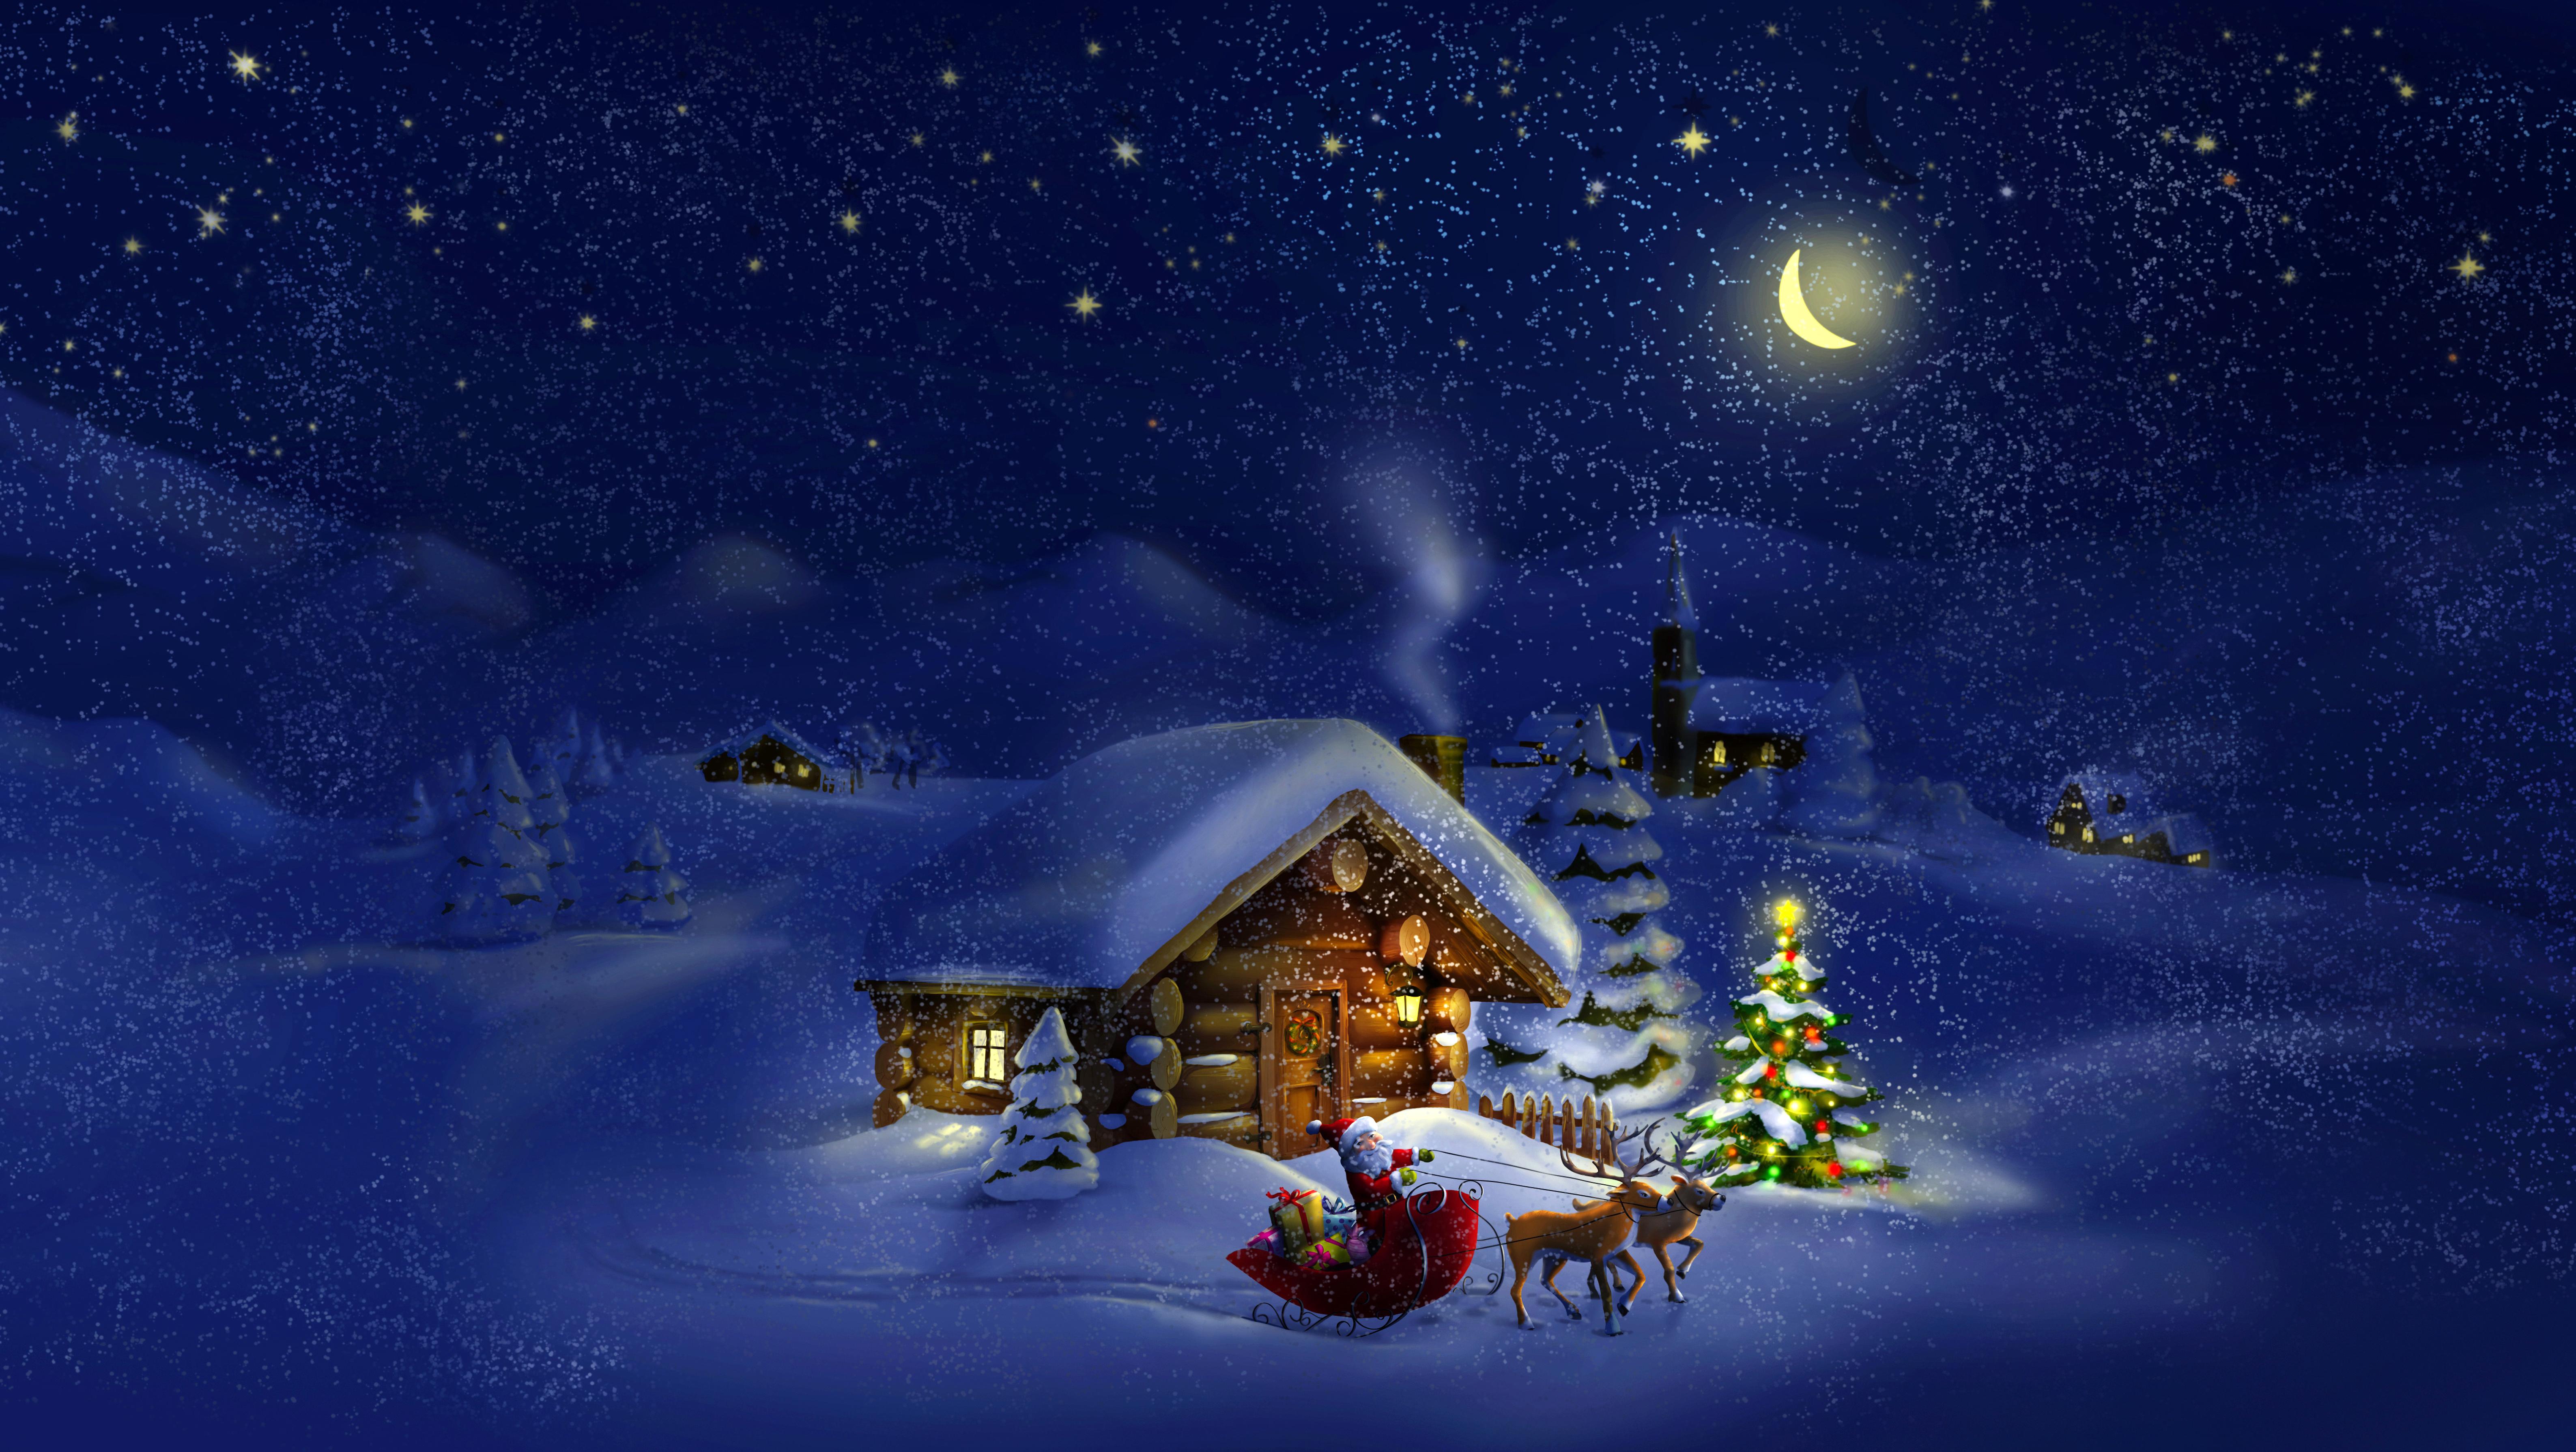 снежная ночь бесплатно